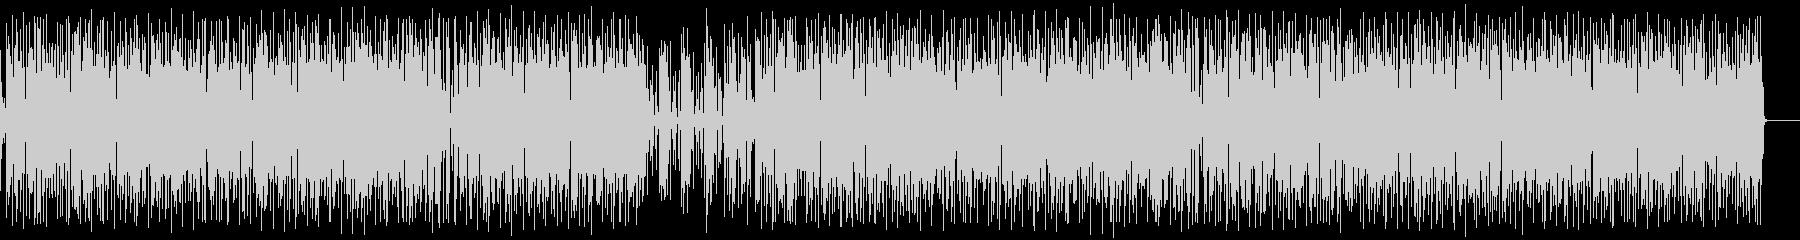 ほのぼの生アコギ&Eギターのポップスの未再生の波形